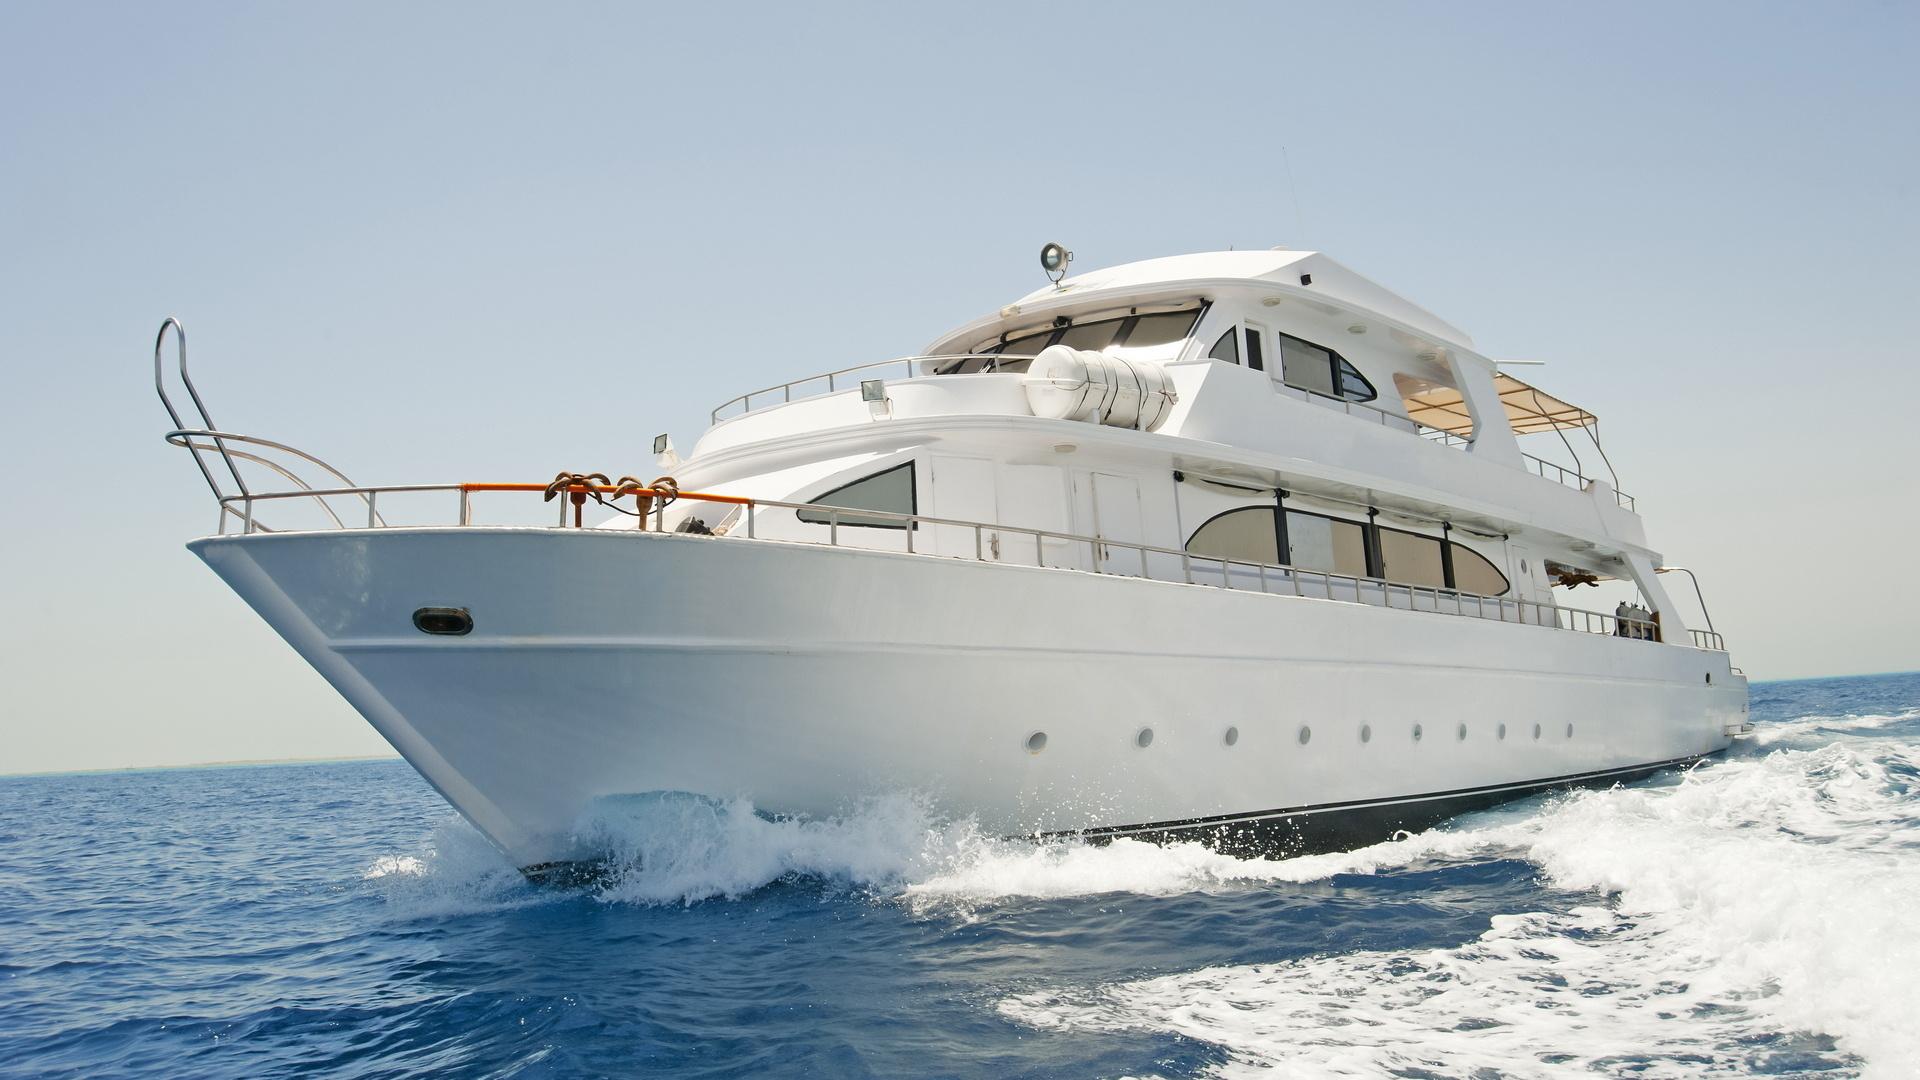 Yacht Desktop Boats wallpapers HD   206543 1920x1080